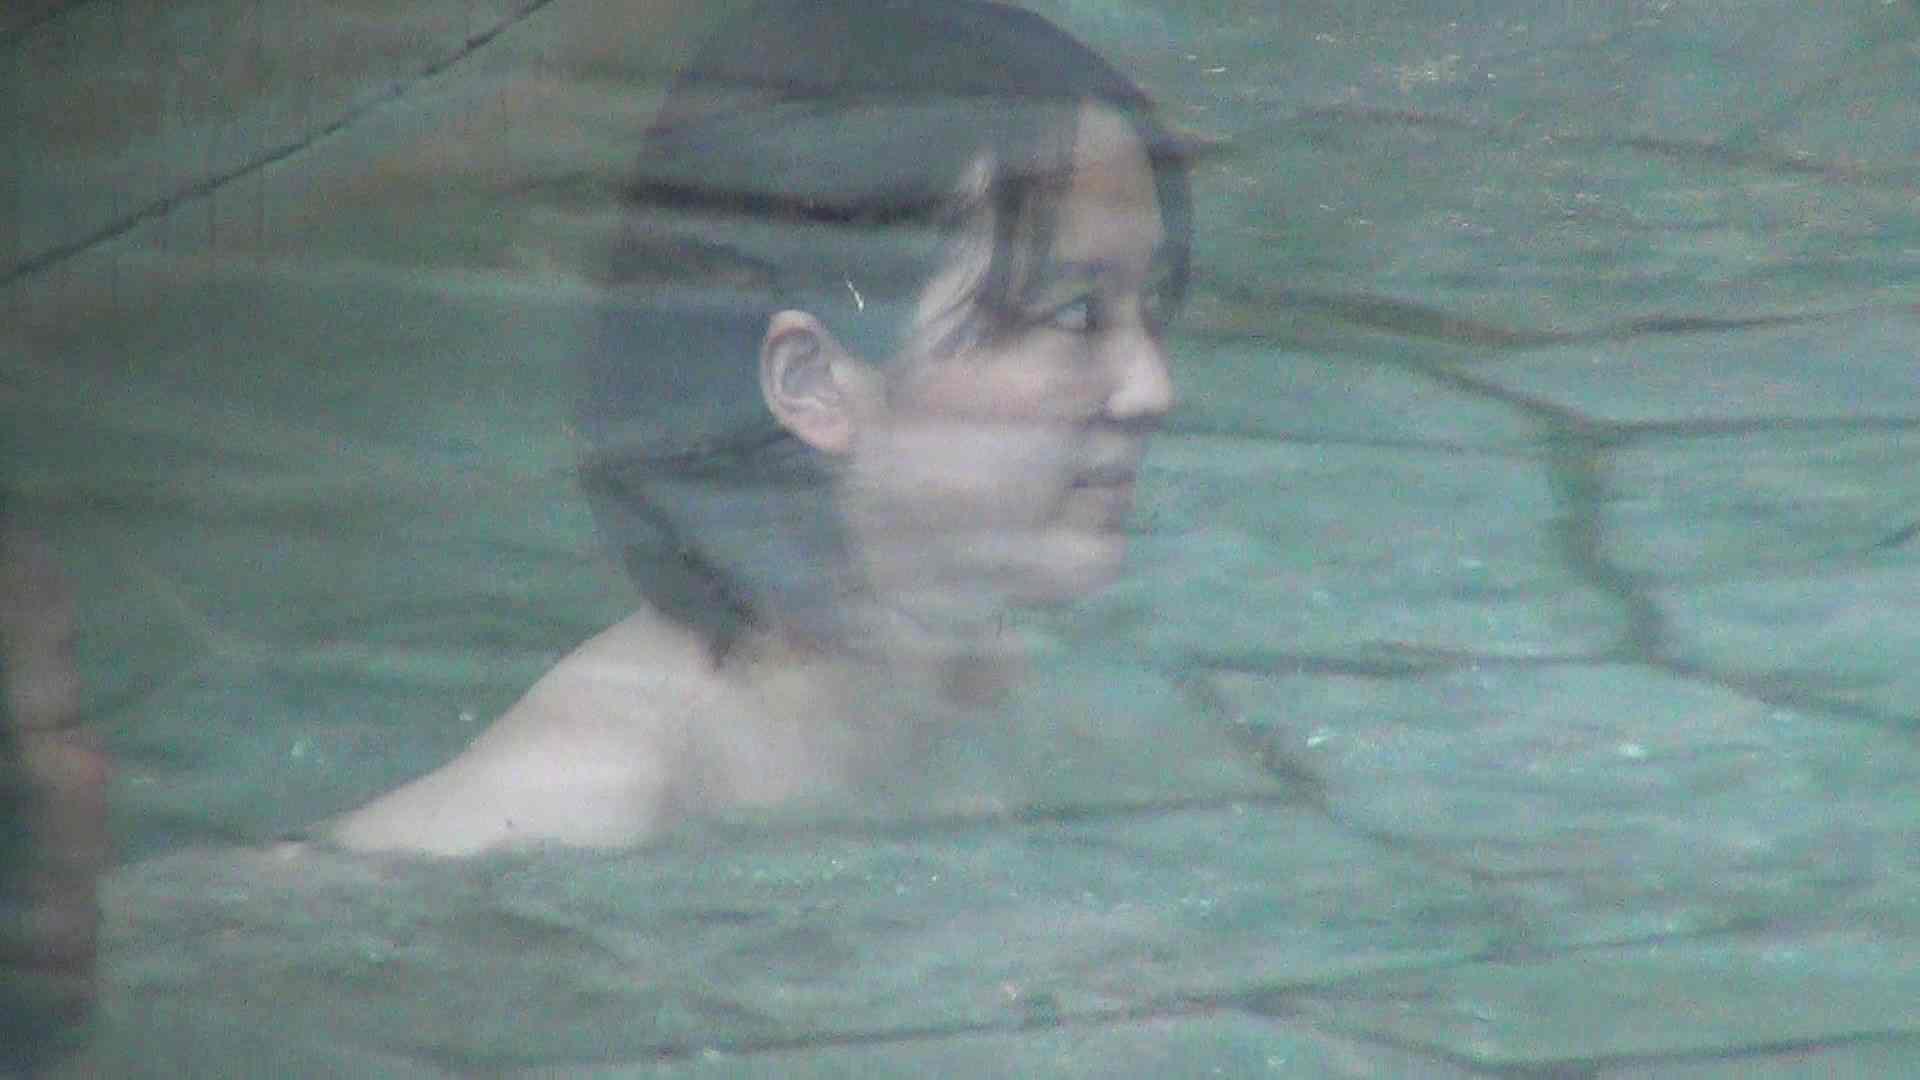 Aquaな露天風呂Vol.297 OLエロ画像  99PICs 90